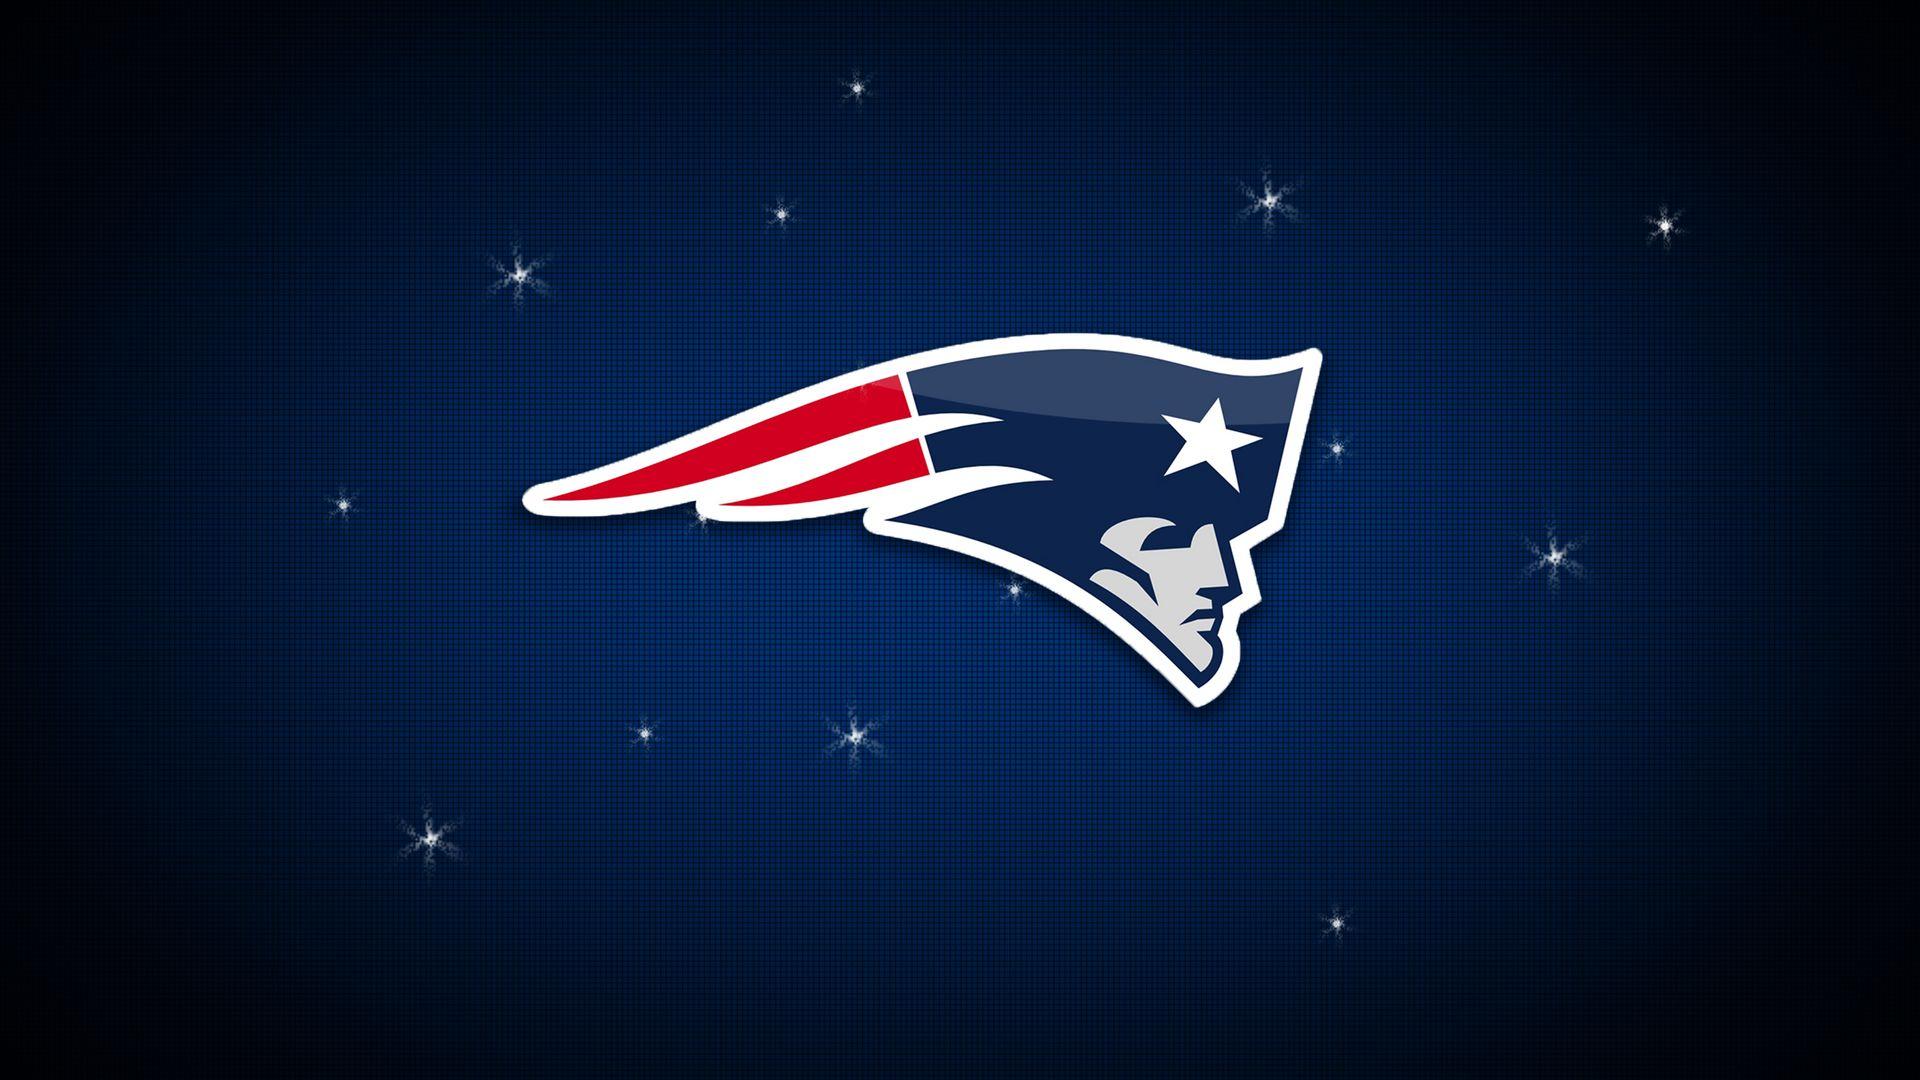 New England Patriots American Football Team Logo Wallpaper.